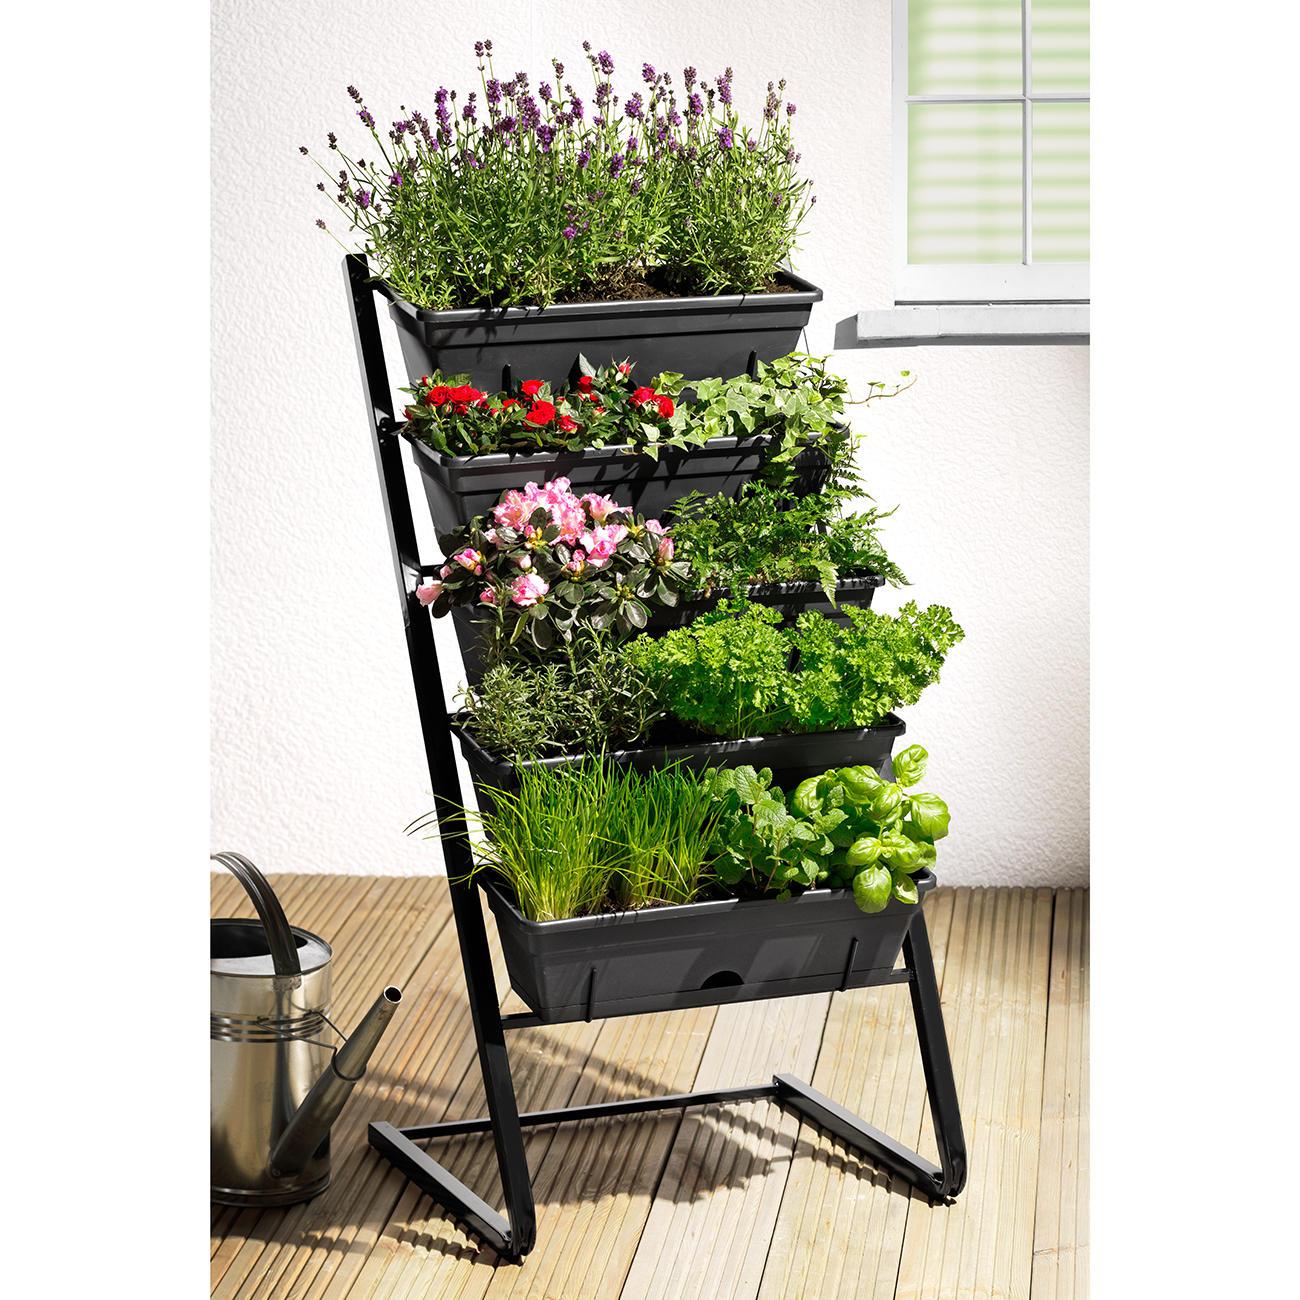 Plante Robuste Pour Terrasse escalier pour plantes